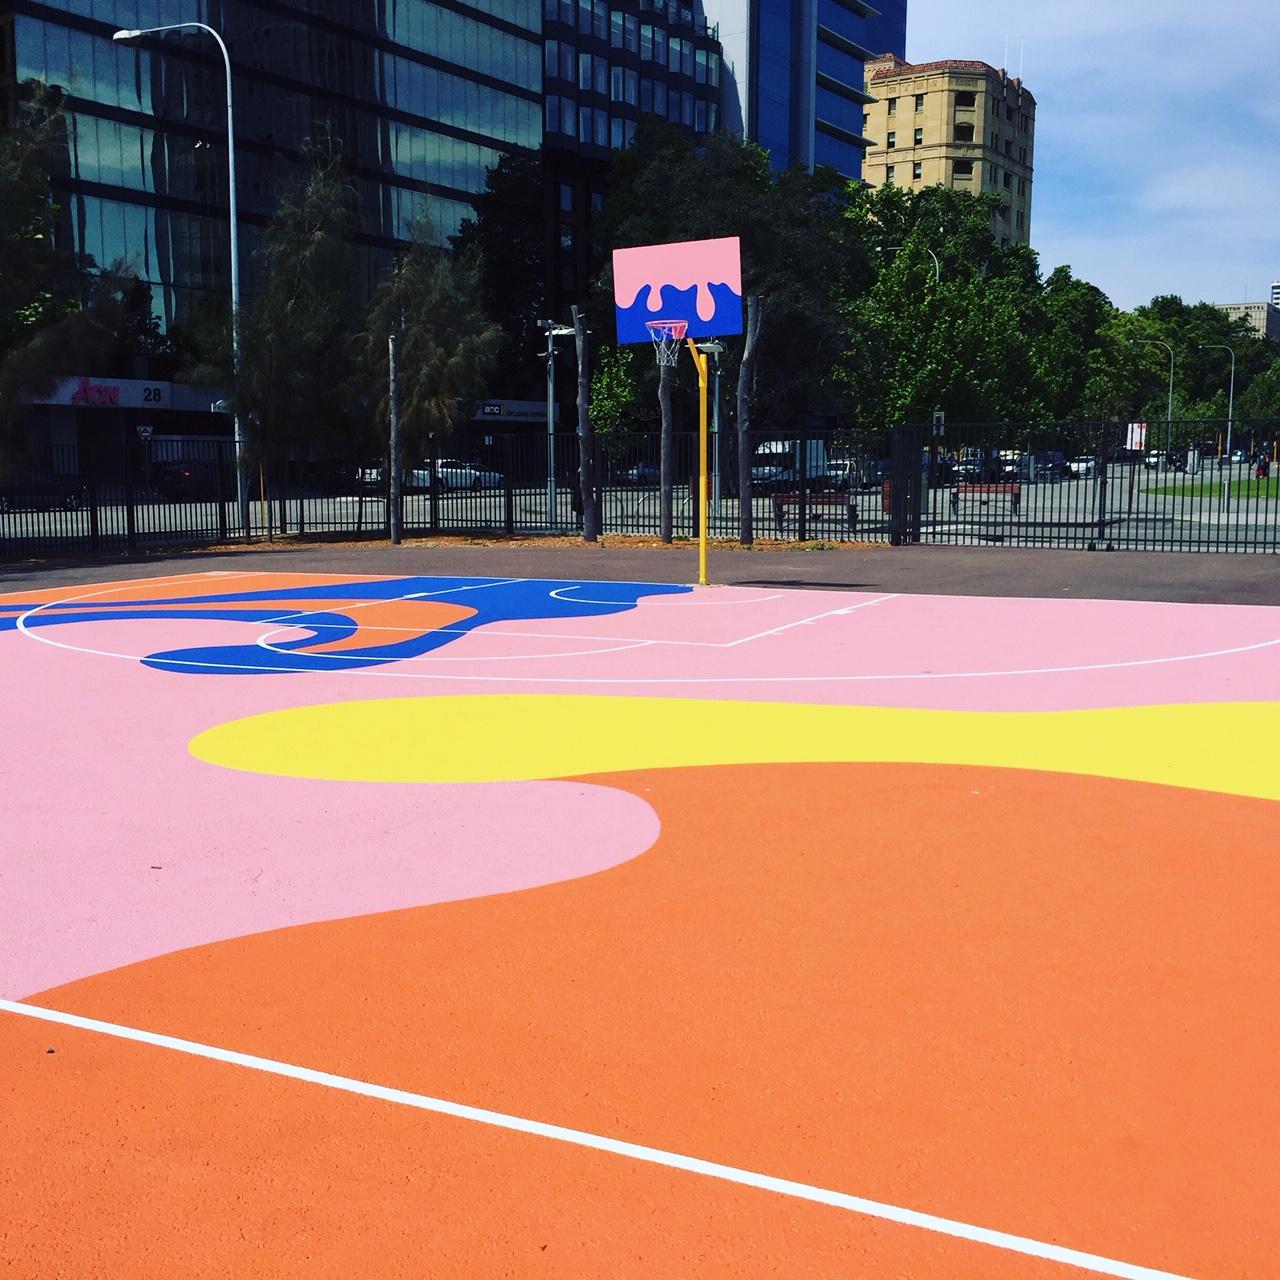 outdoor team building activities Perth